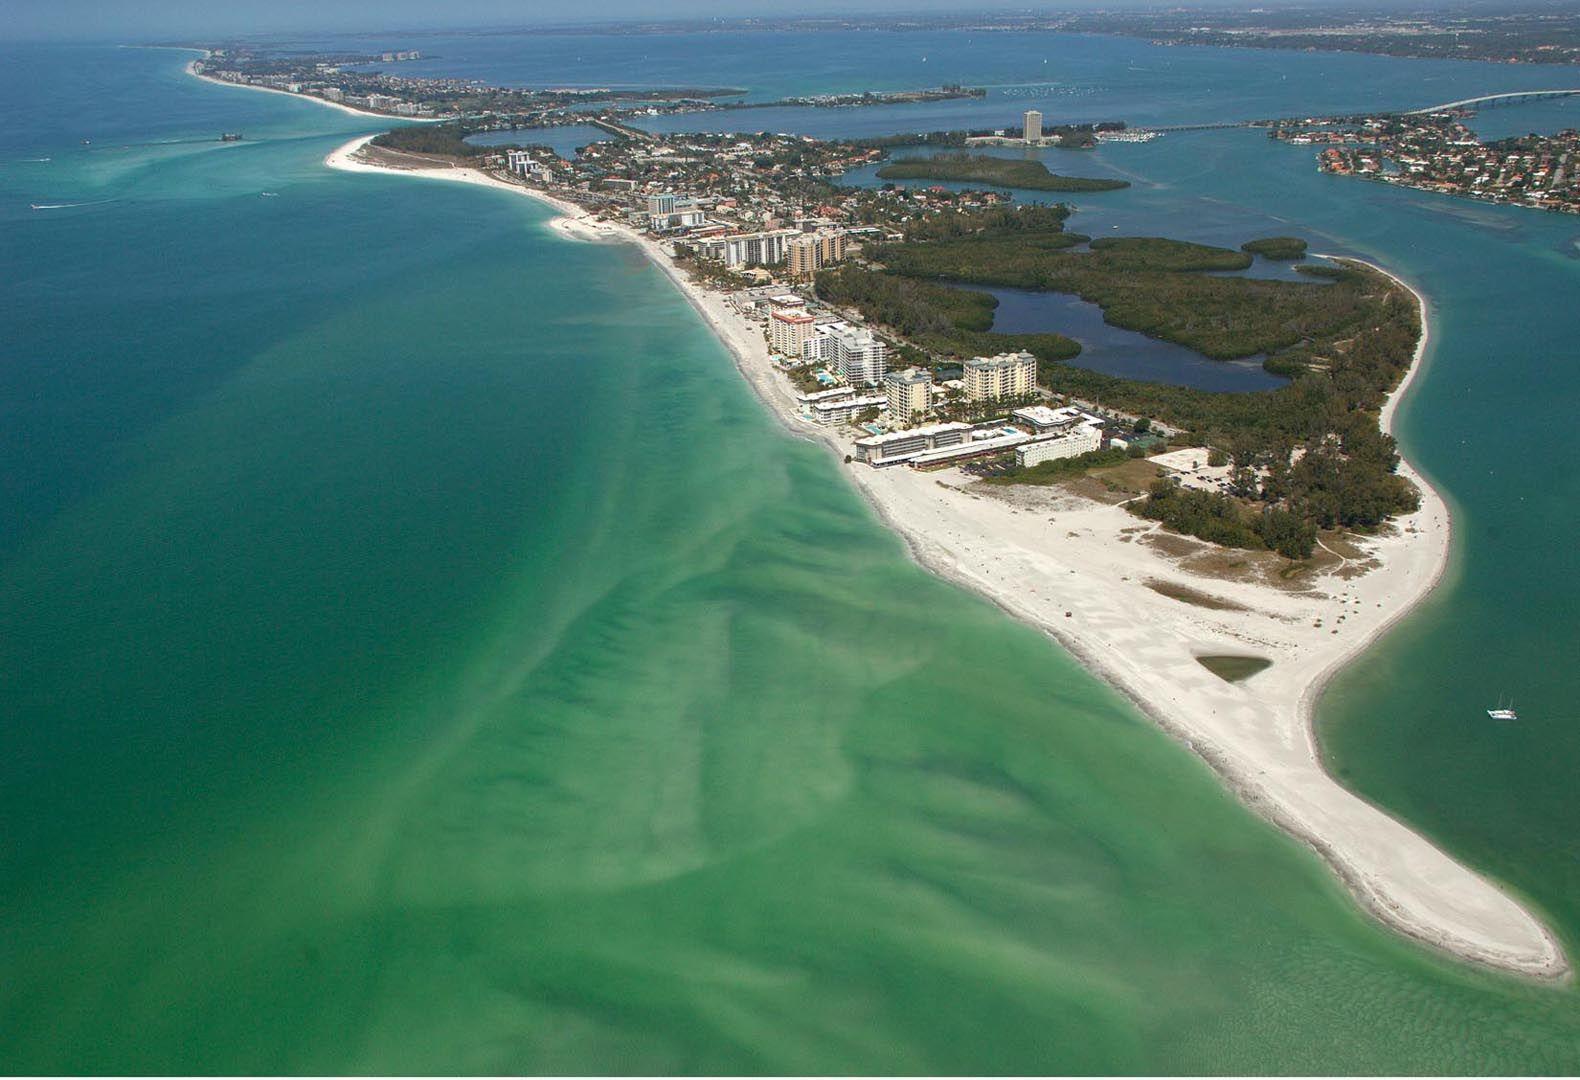 Sarasota beaches - Lido Beach Sarasota Florida Places Visited Pinterest Lido Beach Sarasota Florida And Beach